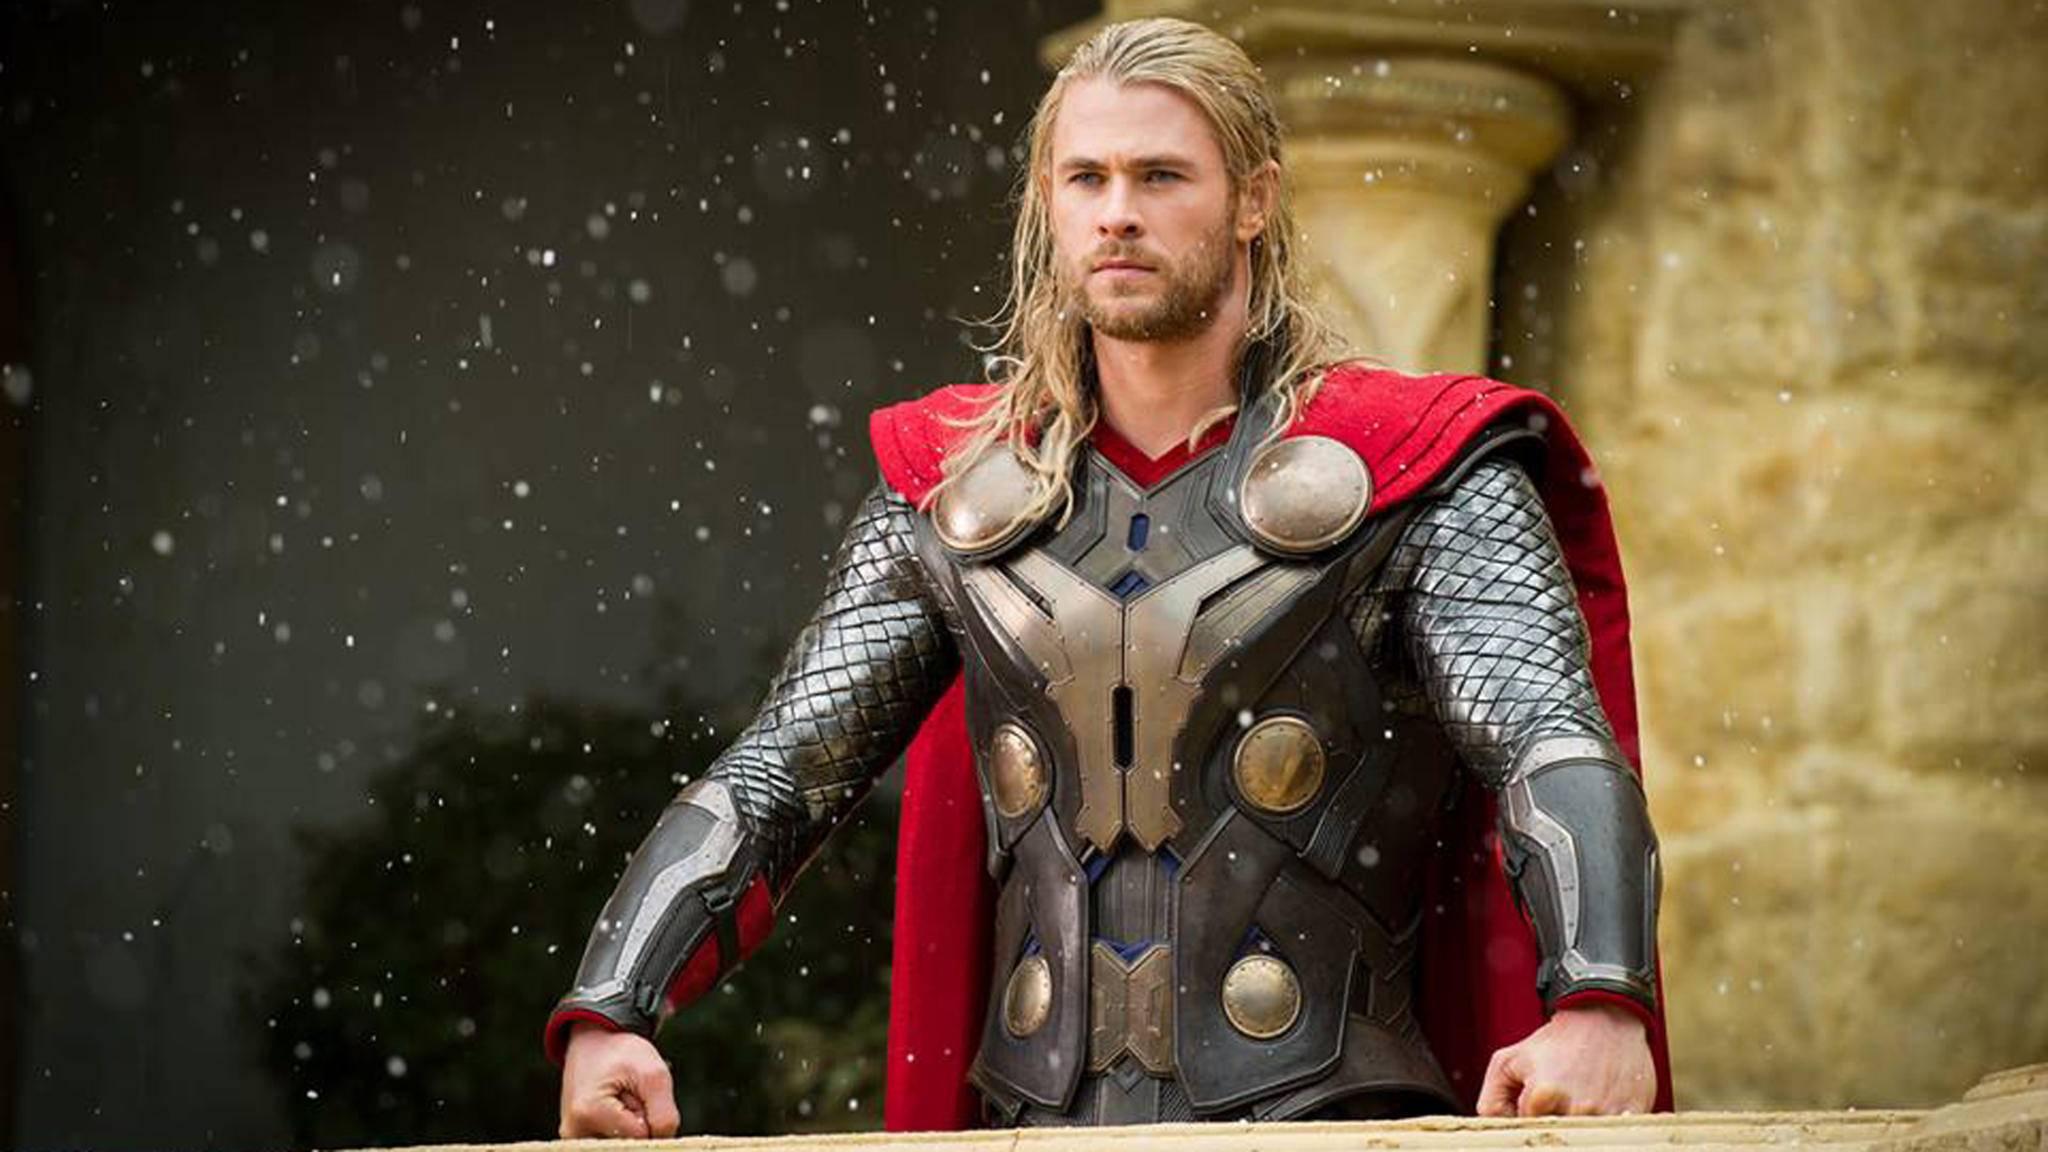 """Treffen der Donnergott und Doctor Strange in """"Thor: Ragnarok"""" aufeinander?"""